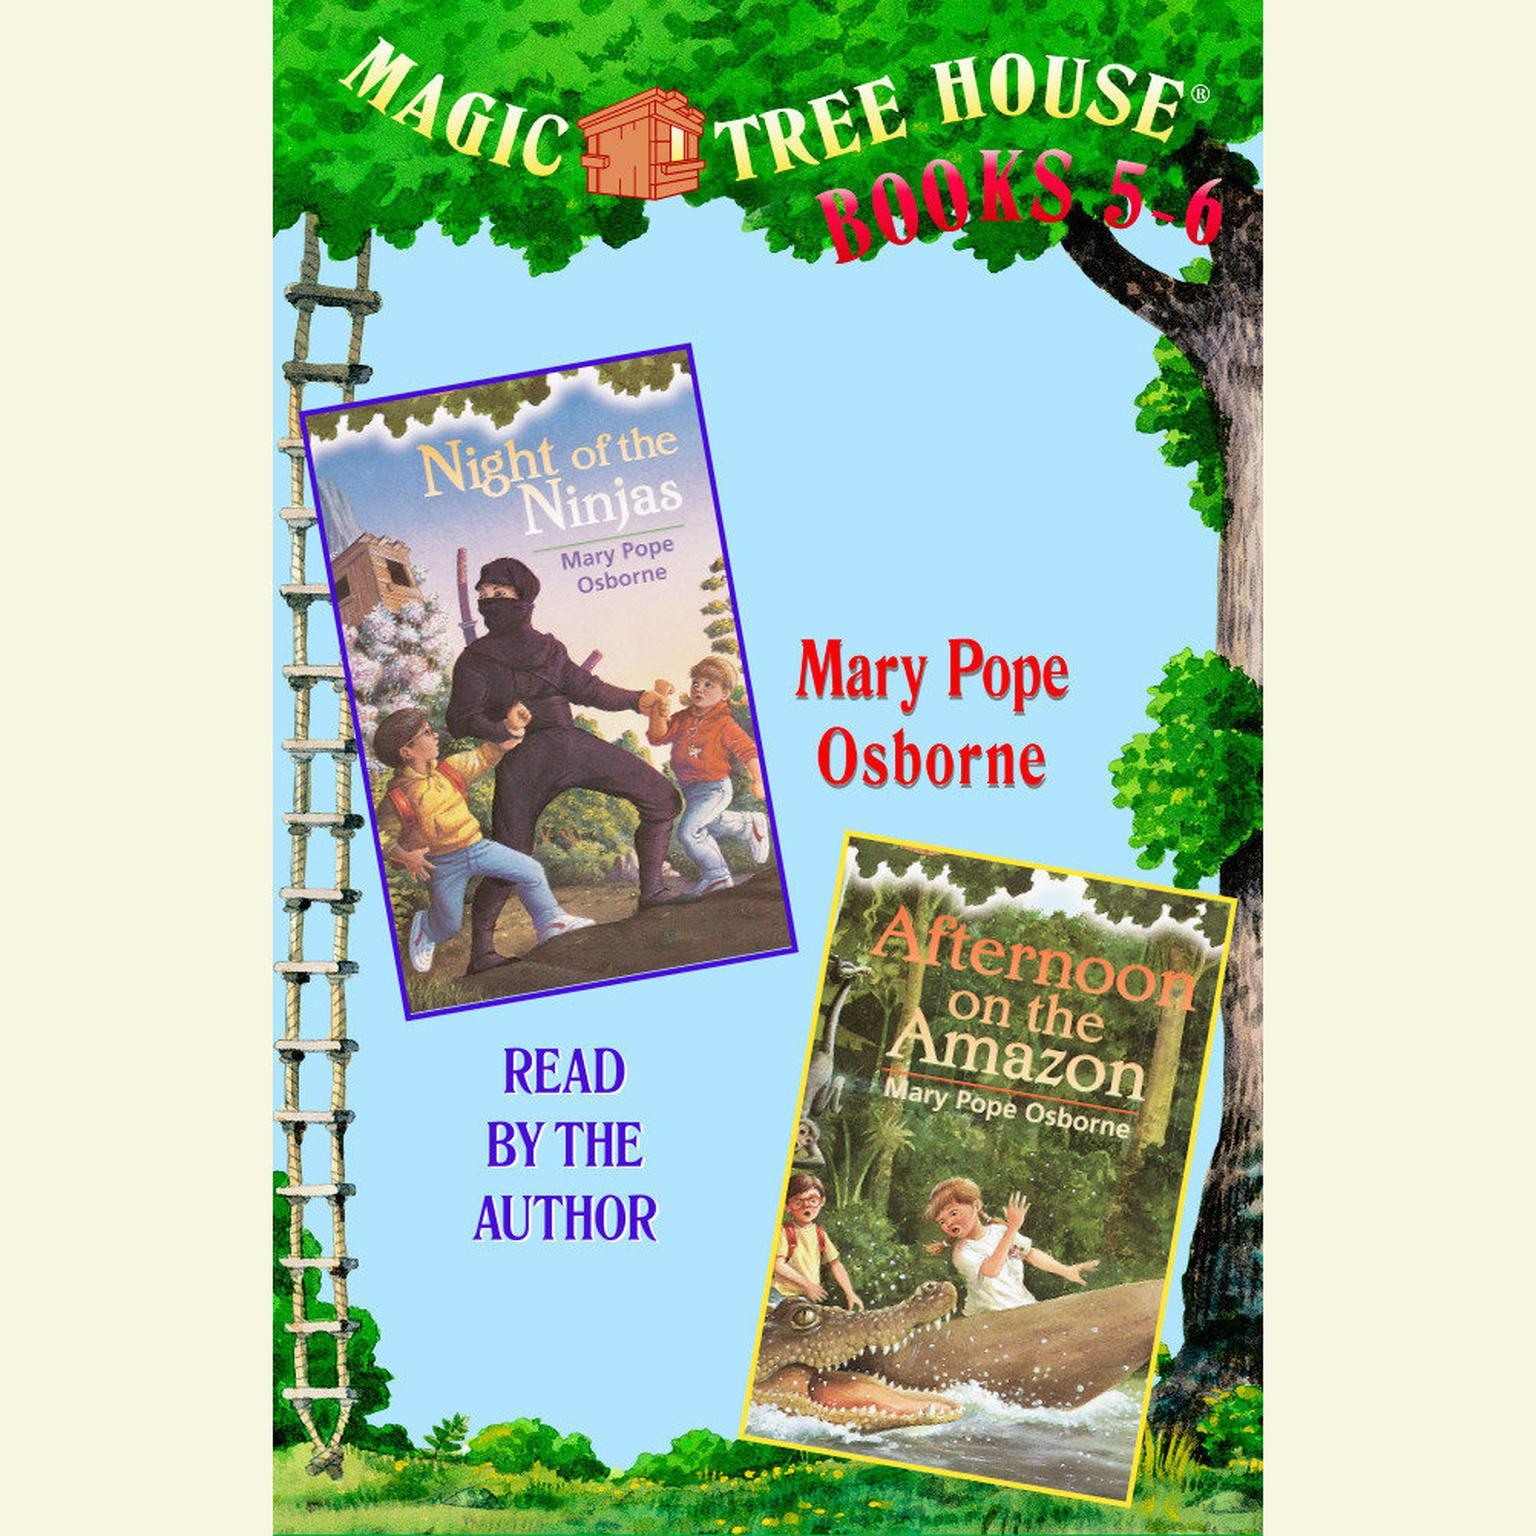 Magic Tree House Books 5 And 6